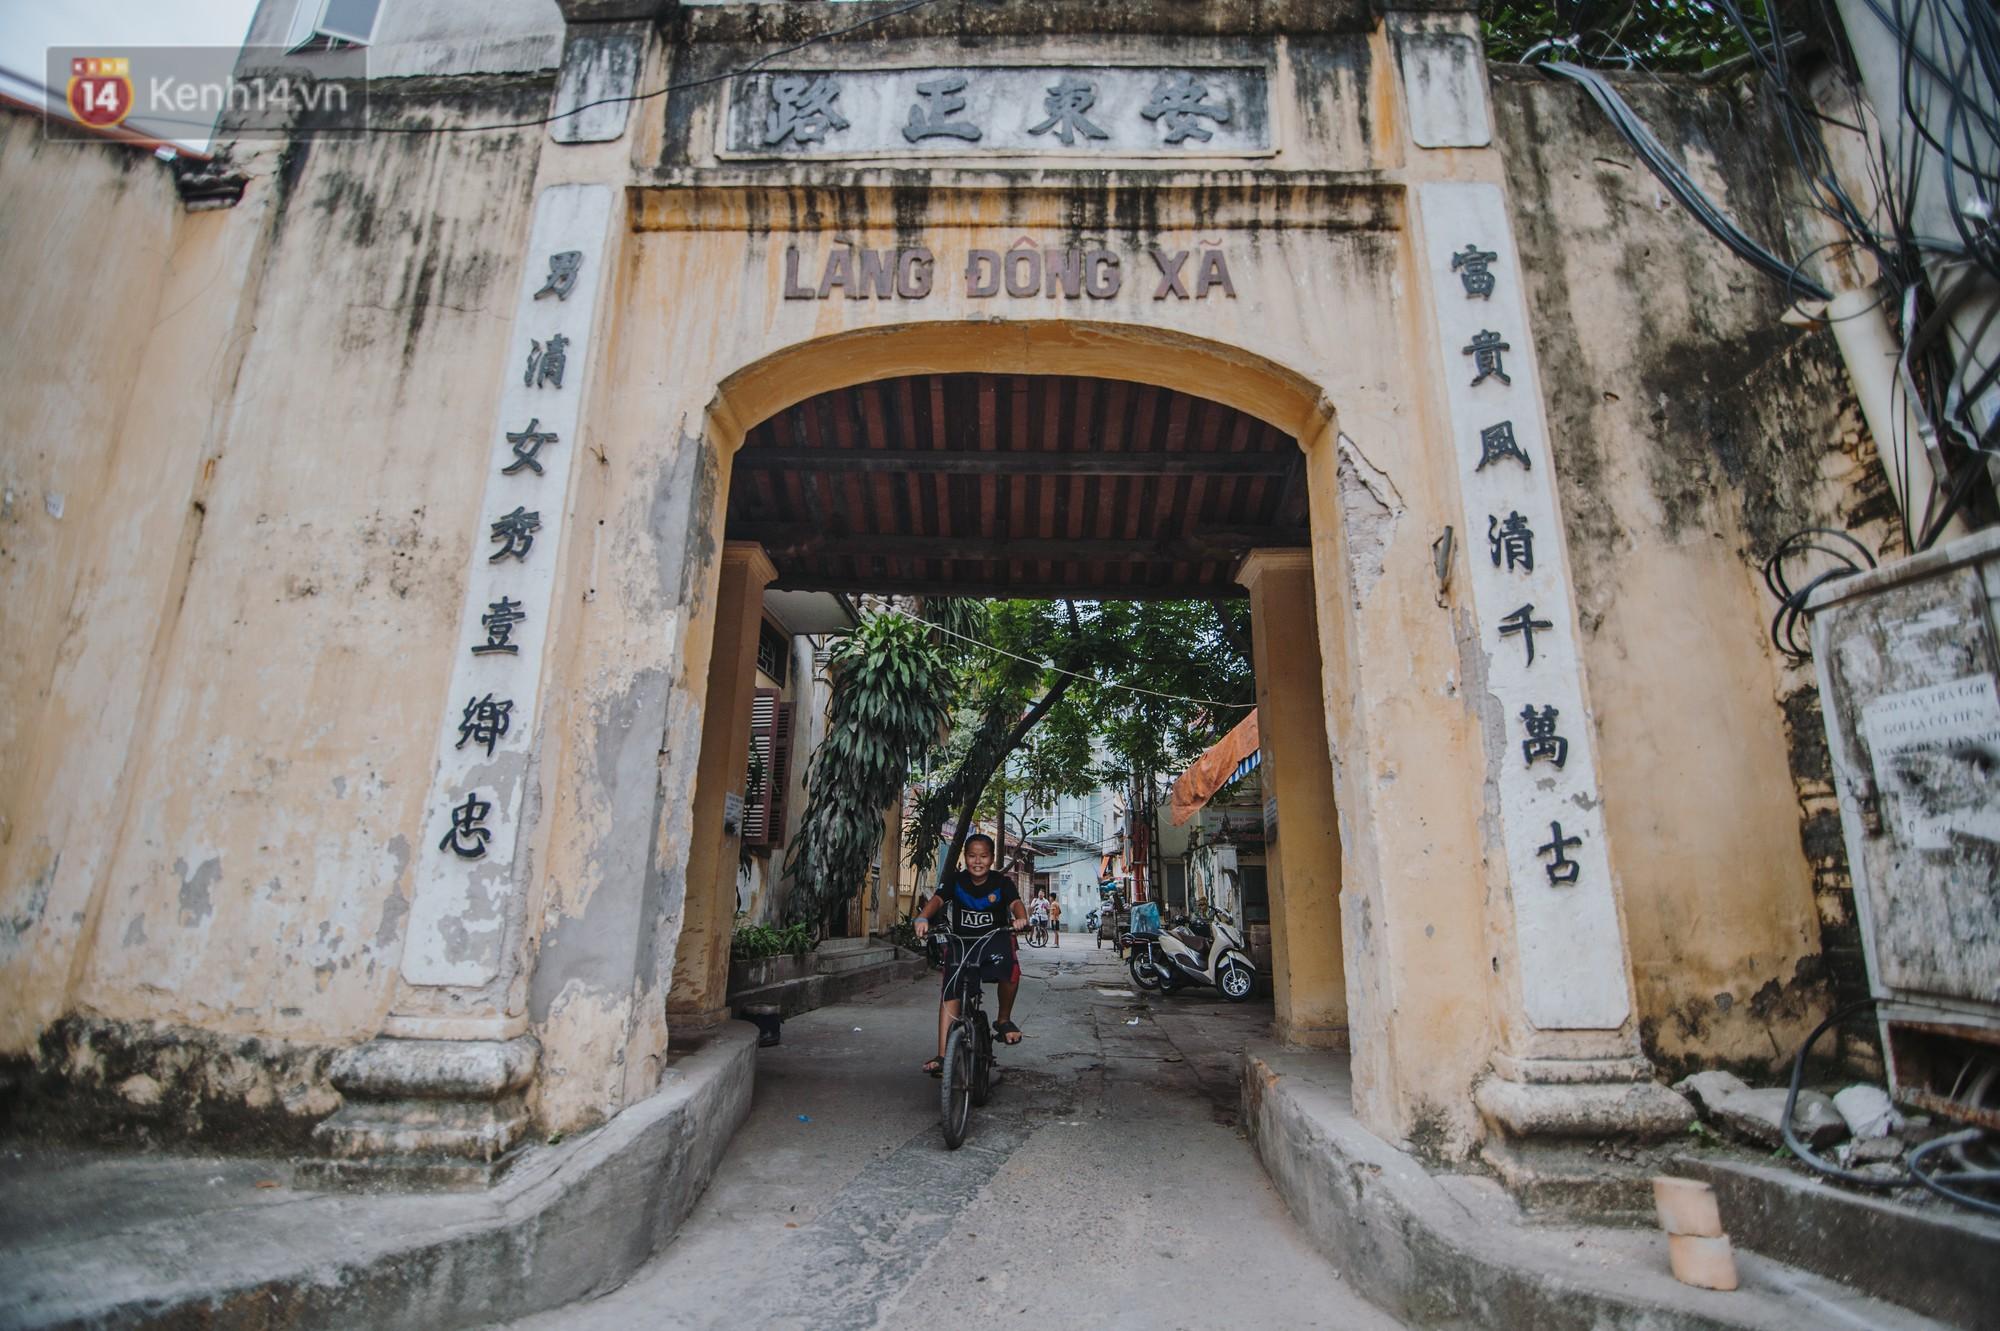 Chuyện về một con phố có nhiều cổng làng nhất Hà Nội: Đưa chân qua cổng phải tôn trọng nếp làng - Ảnh 8.